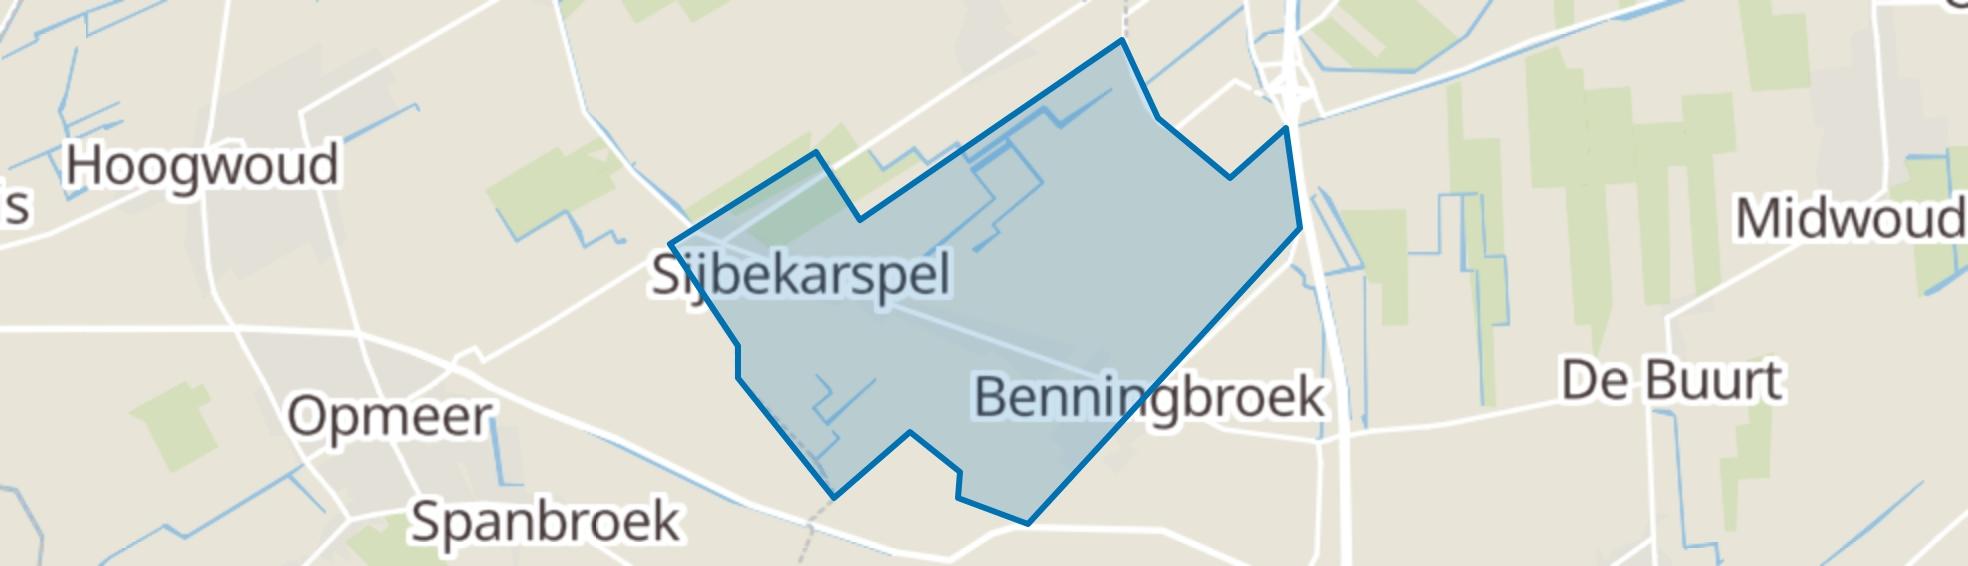 Sijbekarspel map